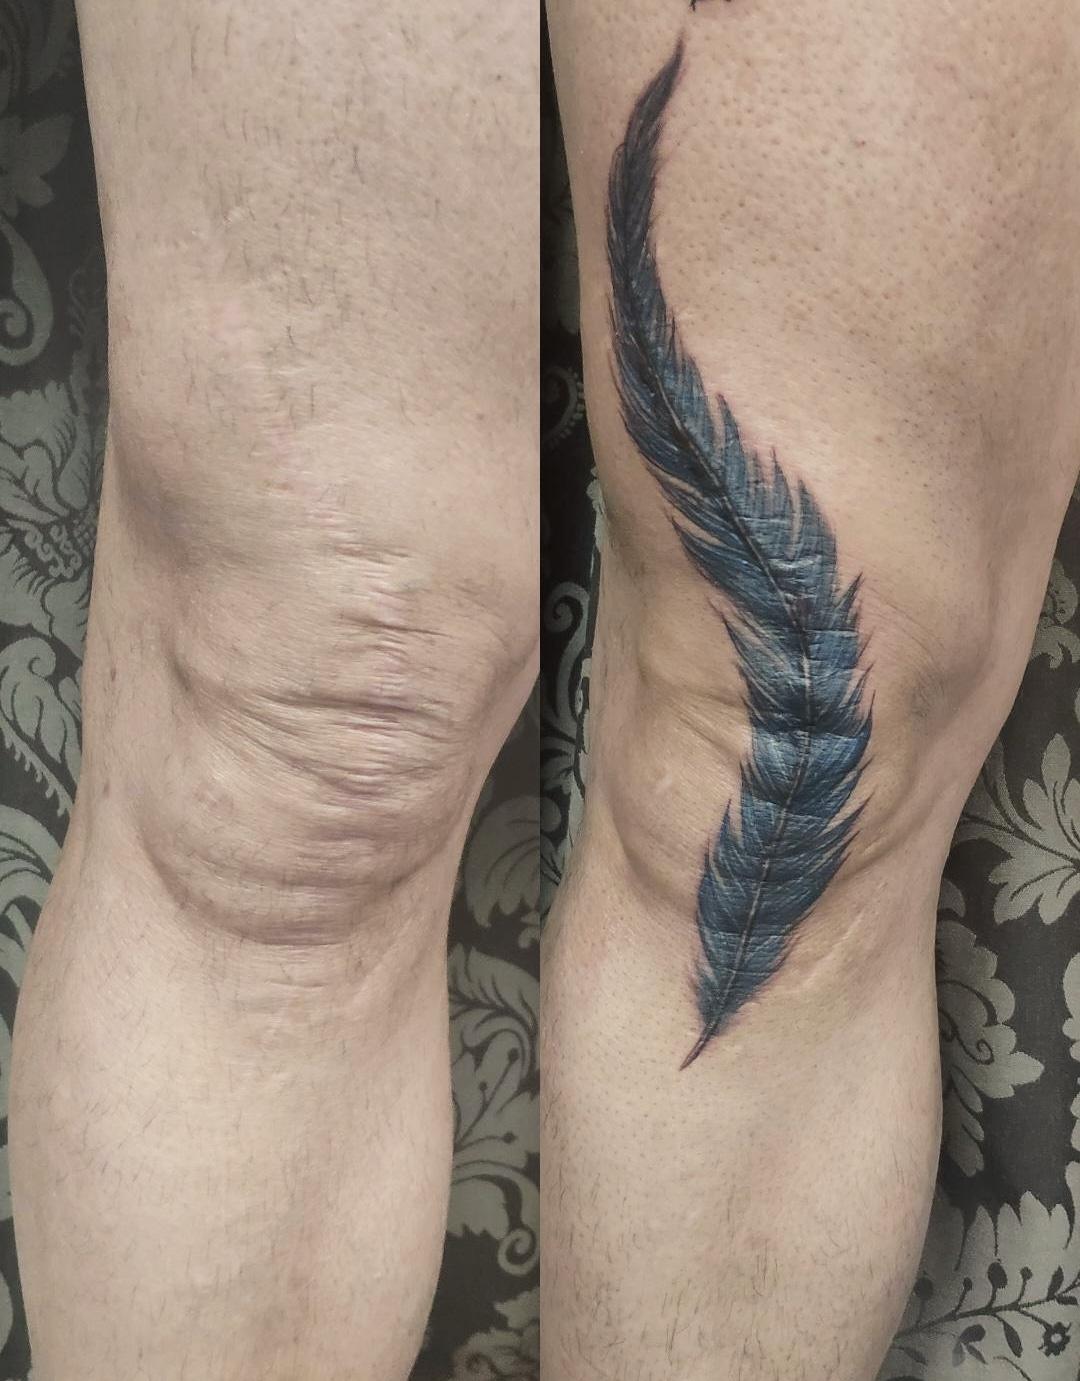 Cicatriz, tatuaje oncologico, Tatuaje médico-estético, operación cicatriz, micropigmentación, tattoo madrid, tratamiento cicatrices madrid, pigmentación Paramédica, pigmentación, camuflaje cicatrices, estrías, queloide, quemaduras, operacion rodilla